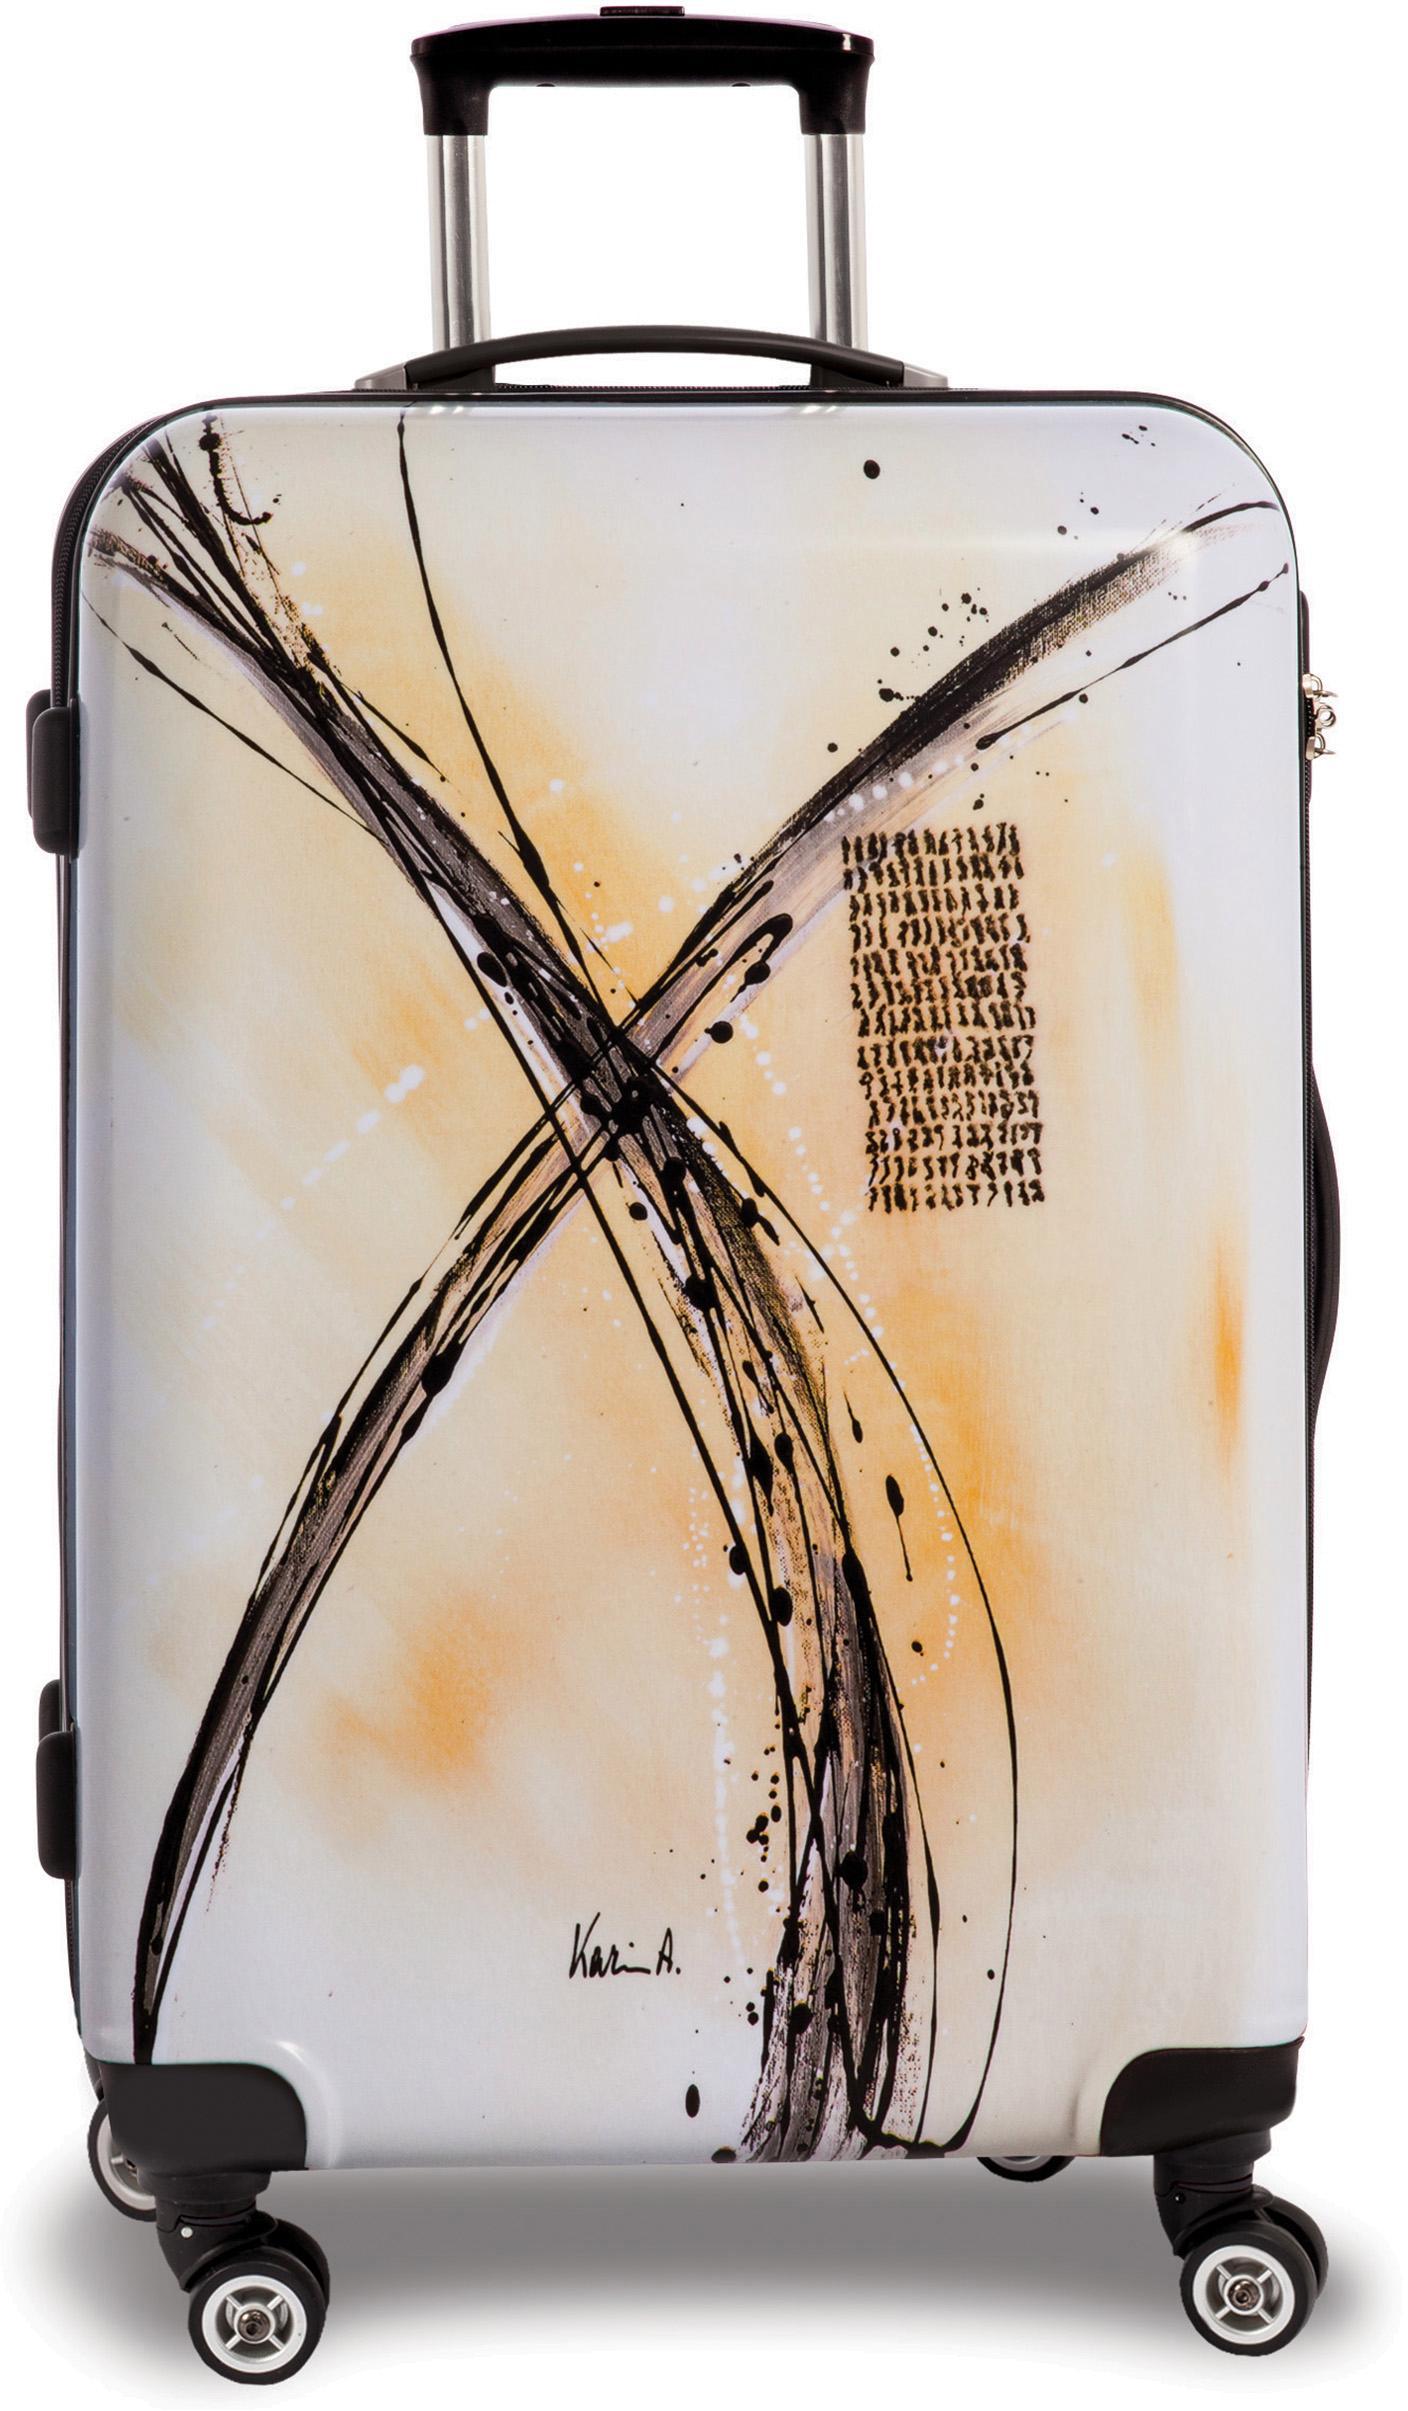 fabrizio® Hartschalen-Trolley Creative style, 67 cm, Double X | Taschen > Koffer & Trolleys > Trolleys | Weiß | FABRIZIO